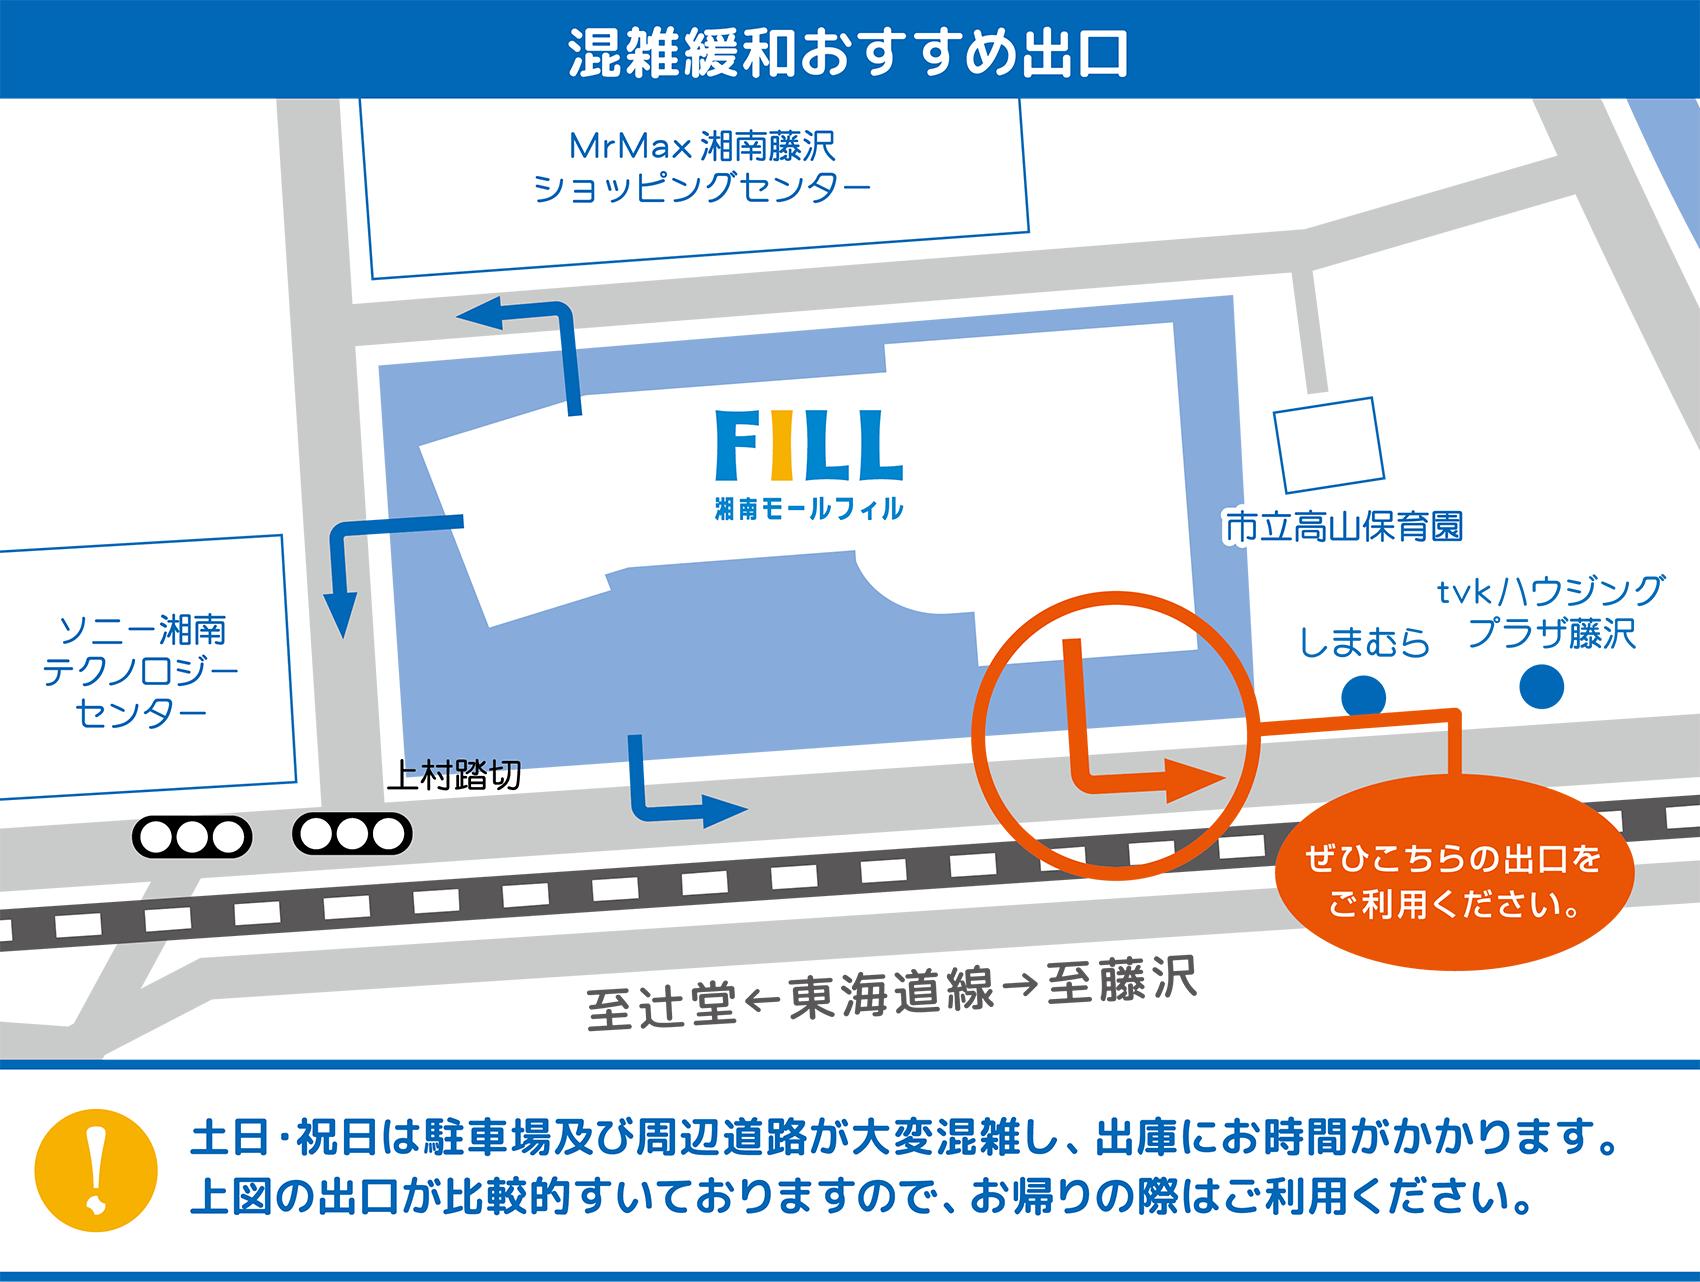 湘南モールフィル 駐車場への入り方